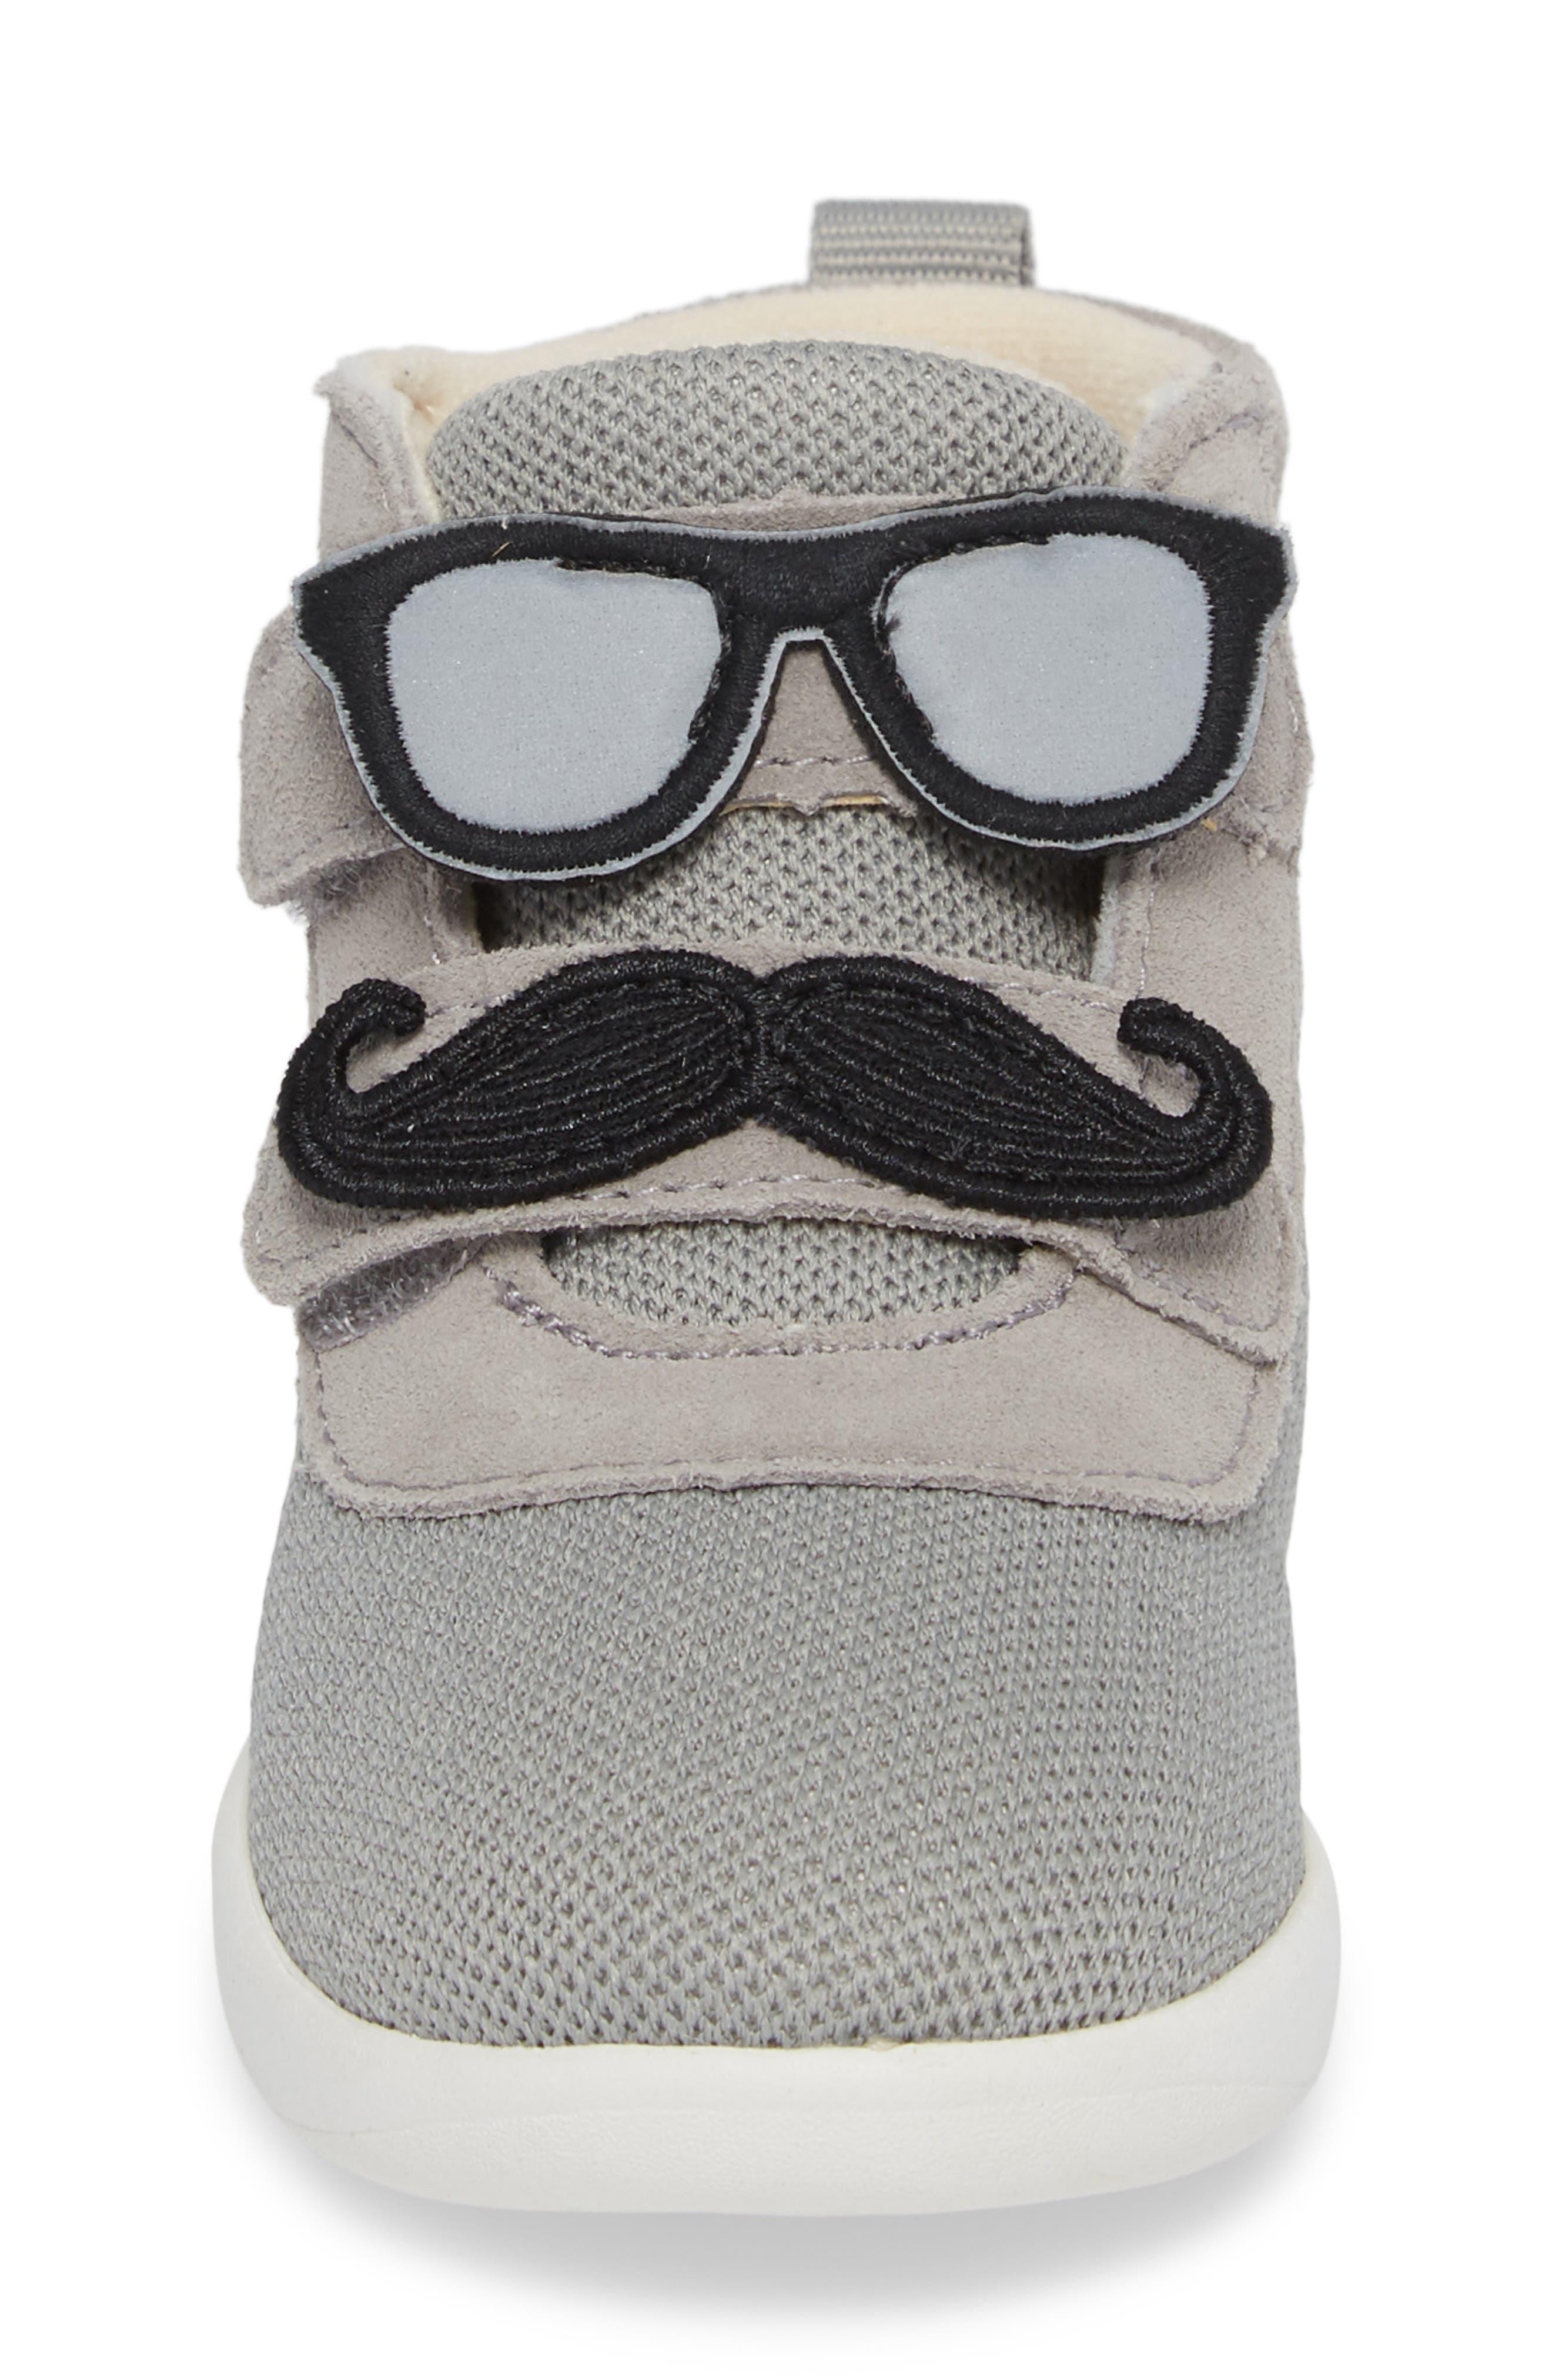 Drex Sunglasses & Mustache Appliqué Sneaker,                             Alternate thumbnail 4, color,                             Seal